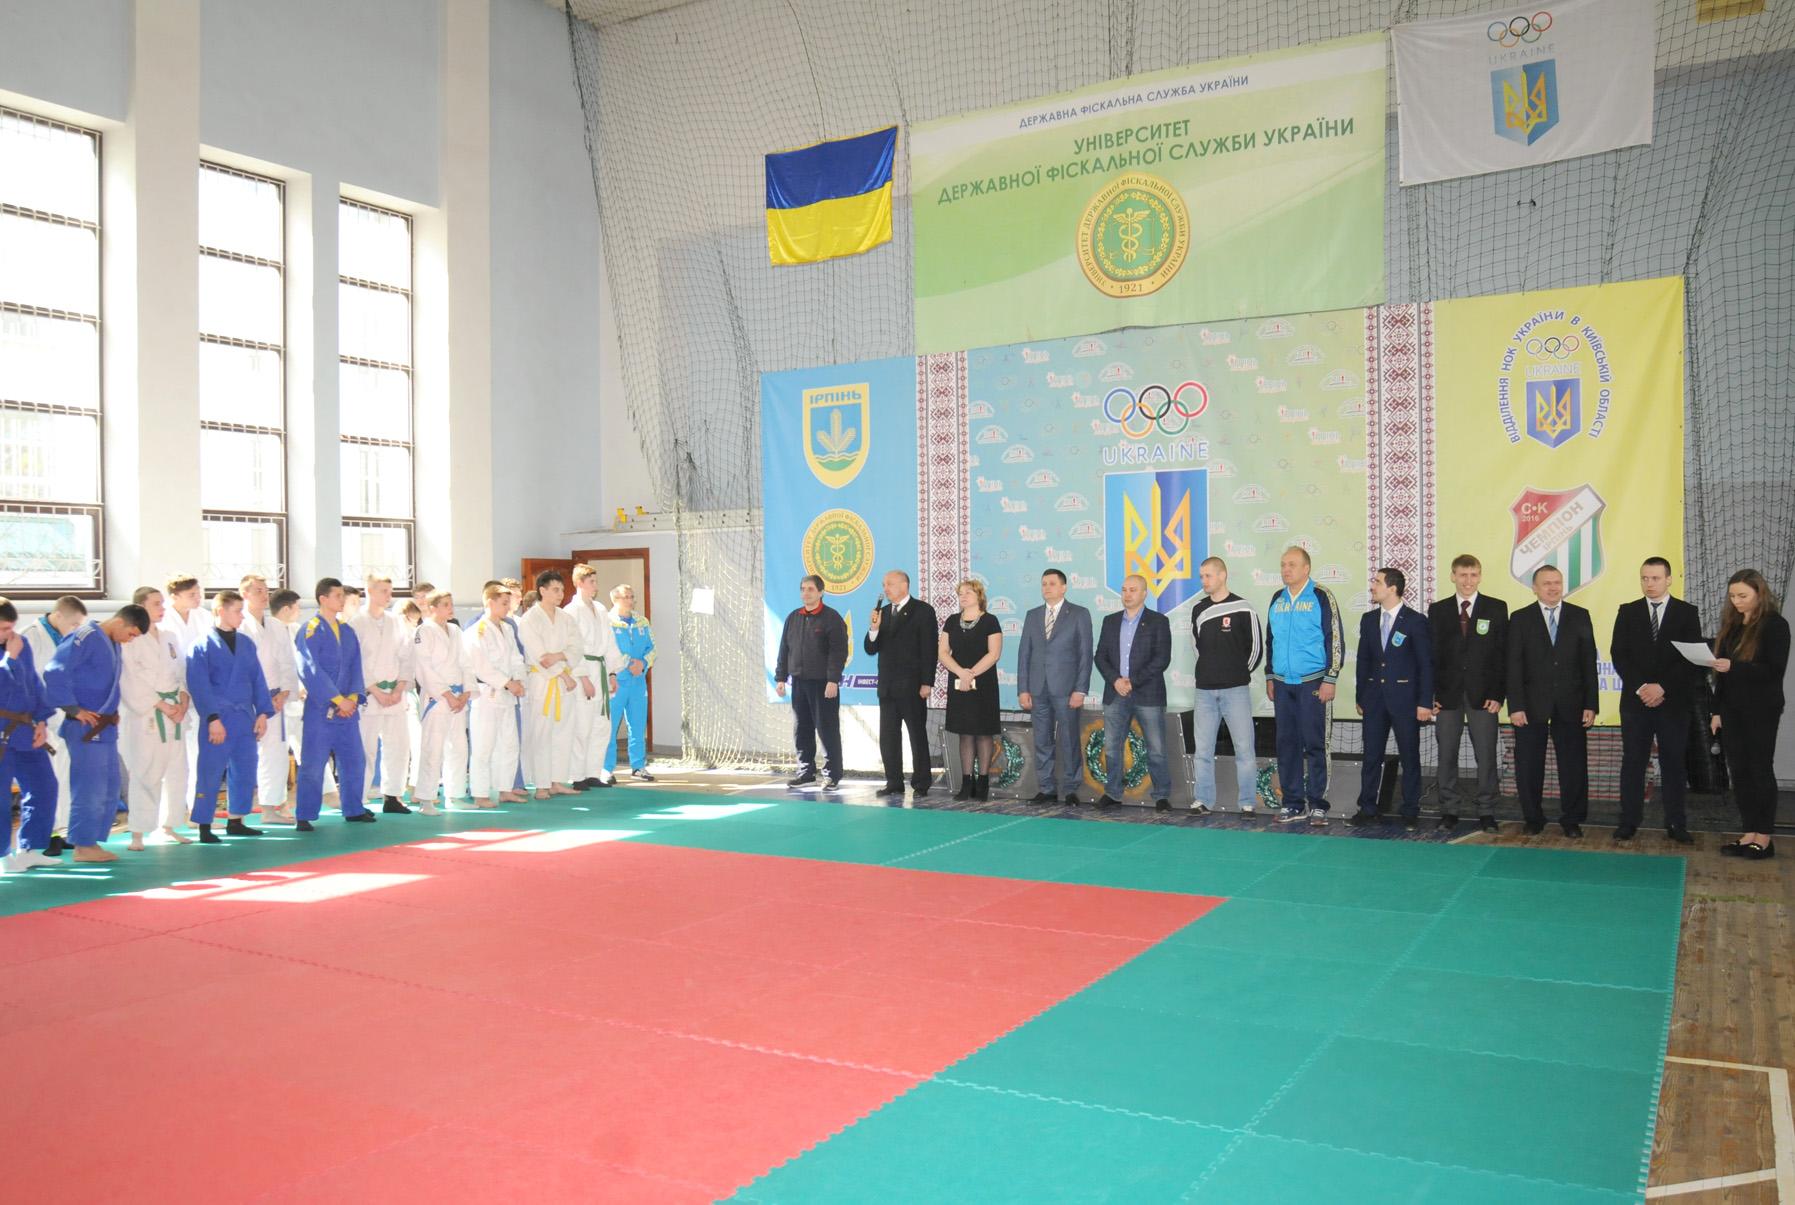 Відкритий чемпіонат Київської області з дзюдо серед молоді